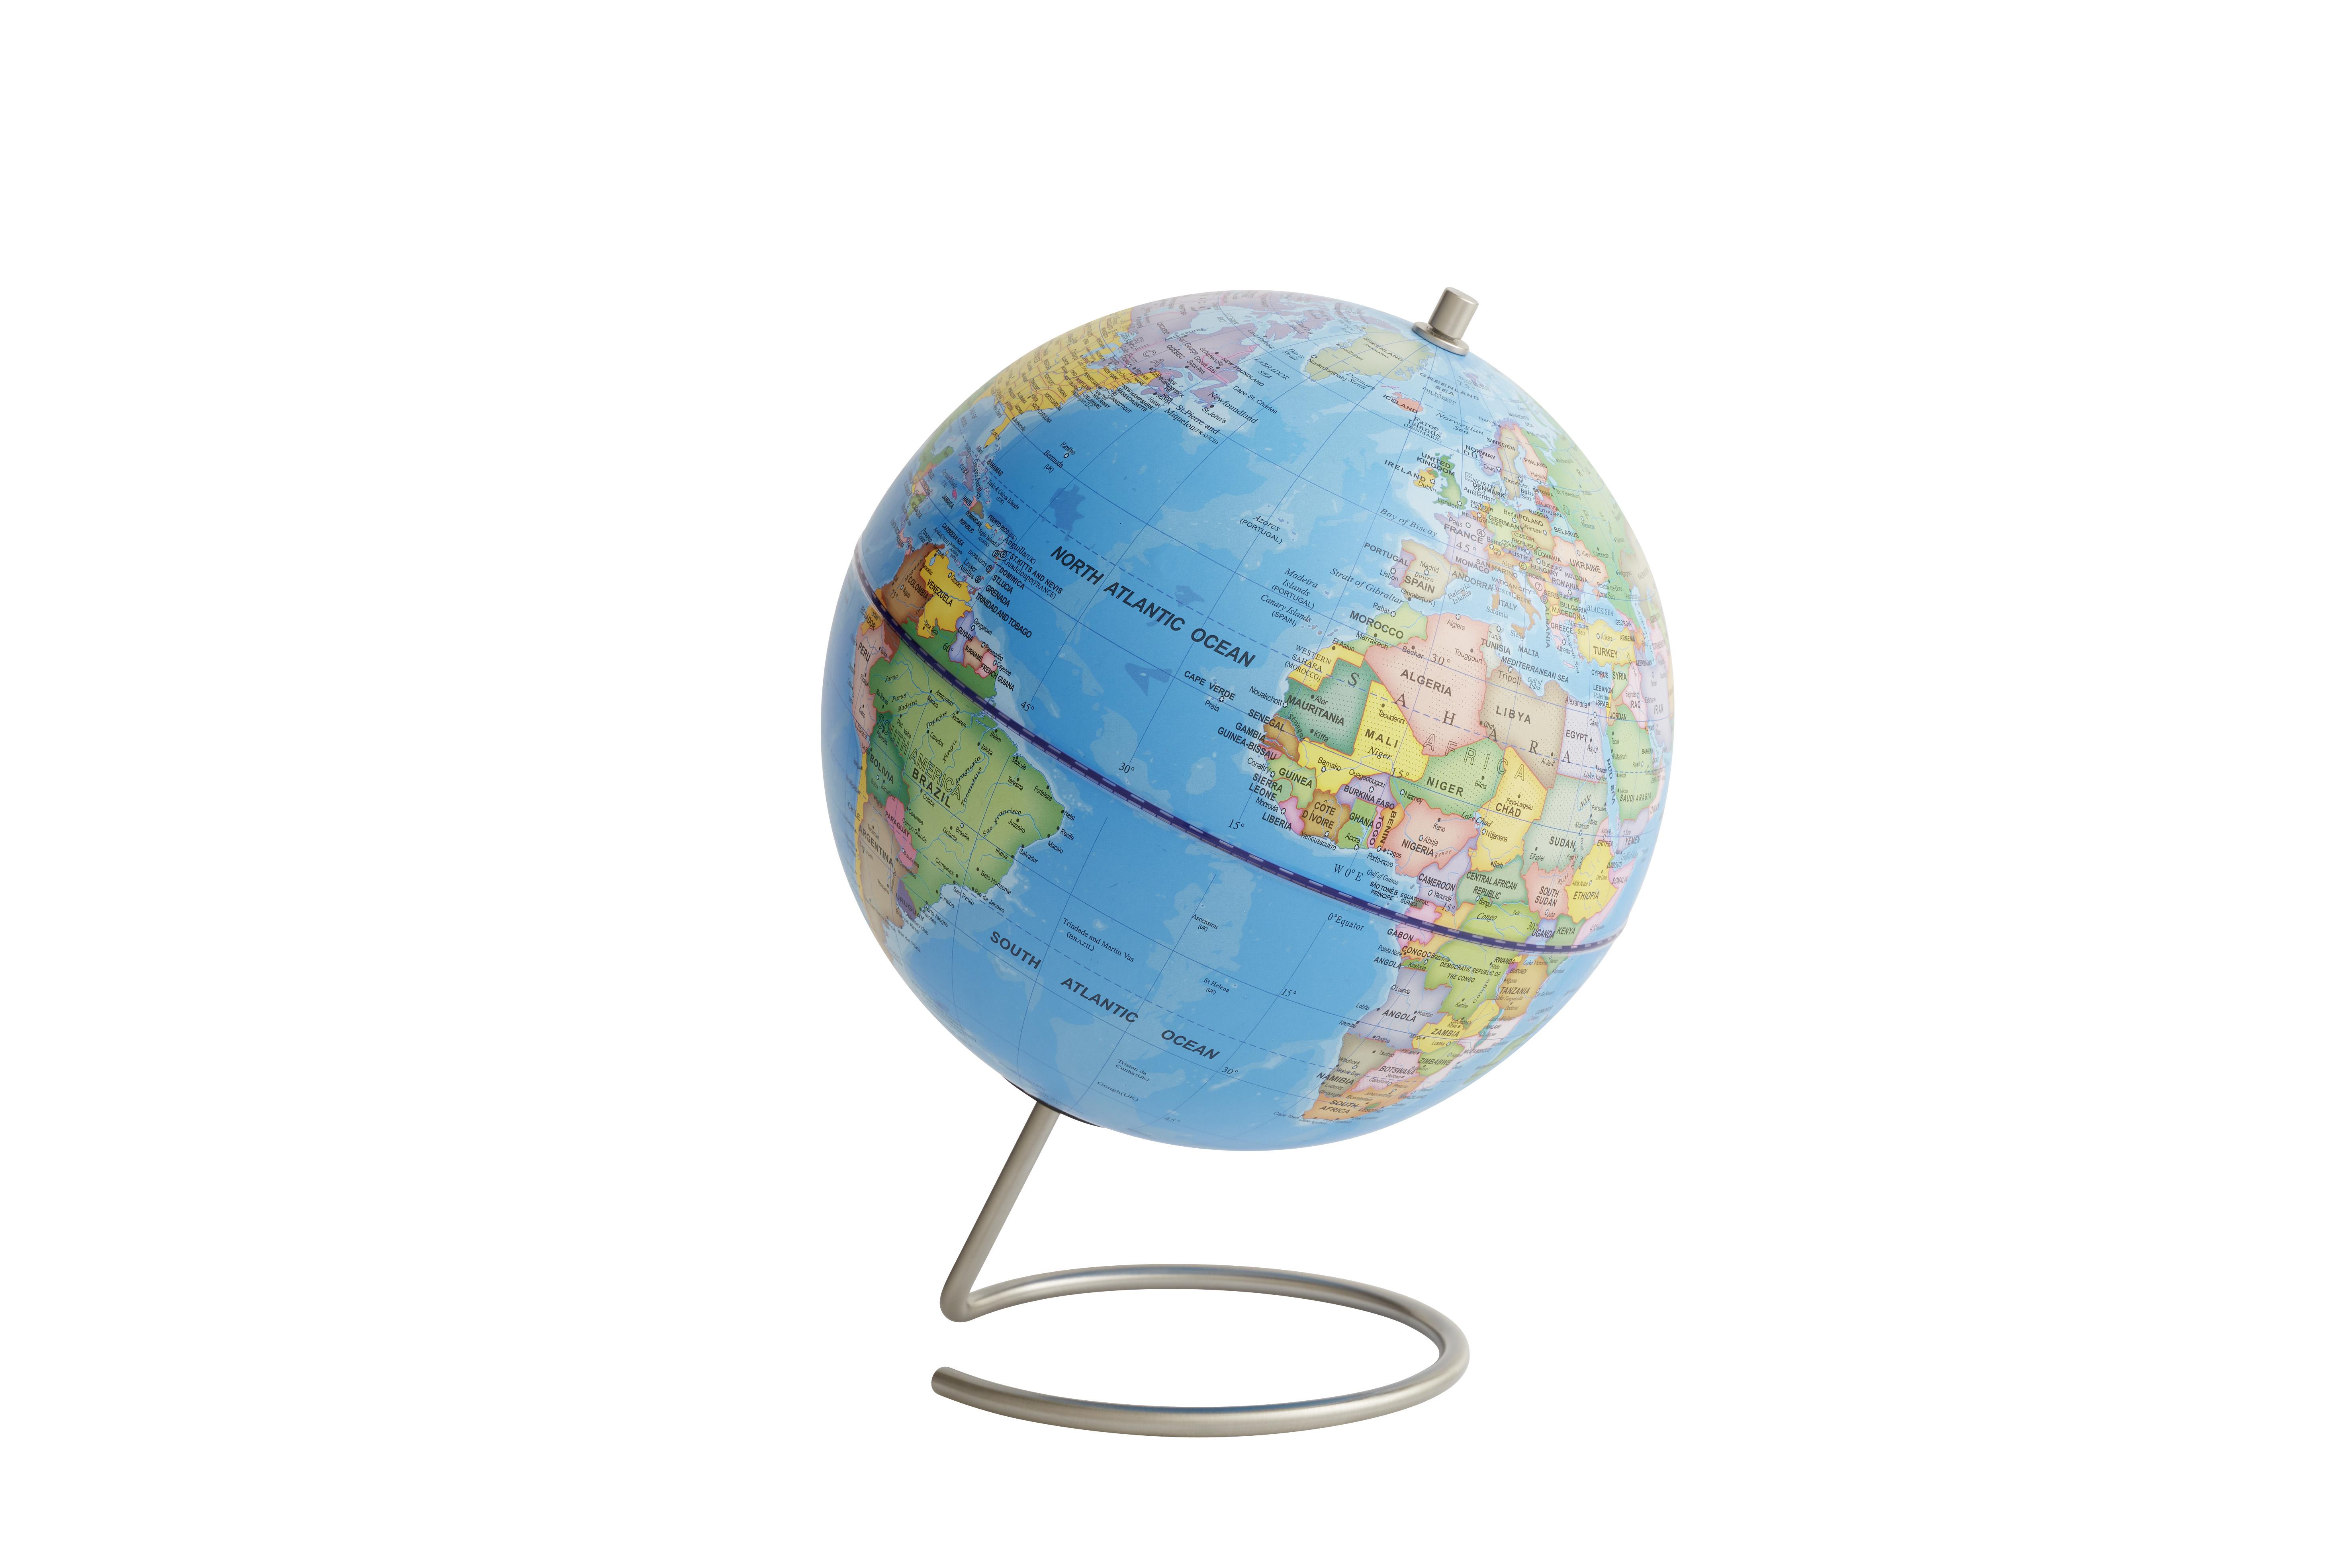 Globus Weltkugel Karte.Moderner Globus Weltkugel Magnet Hellblau Aus Edelstahl Und Kunststoff ø23 Cm X H29 Cm